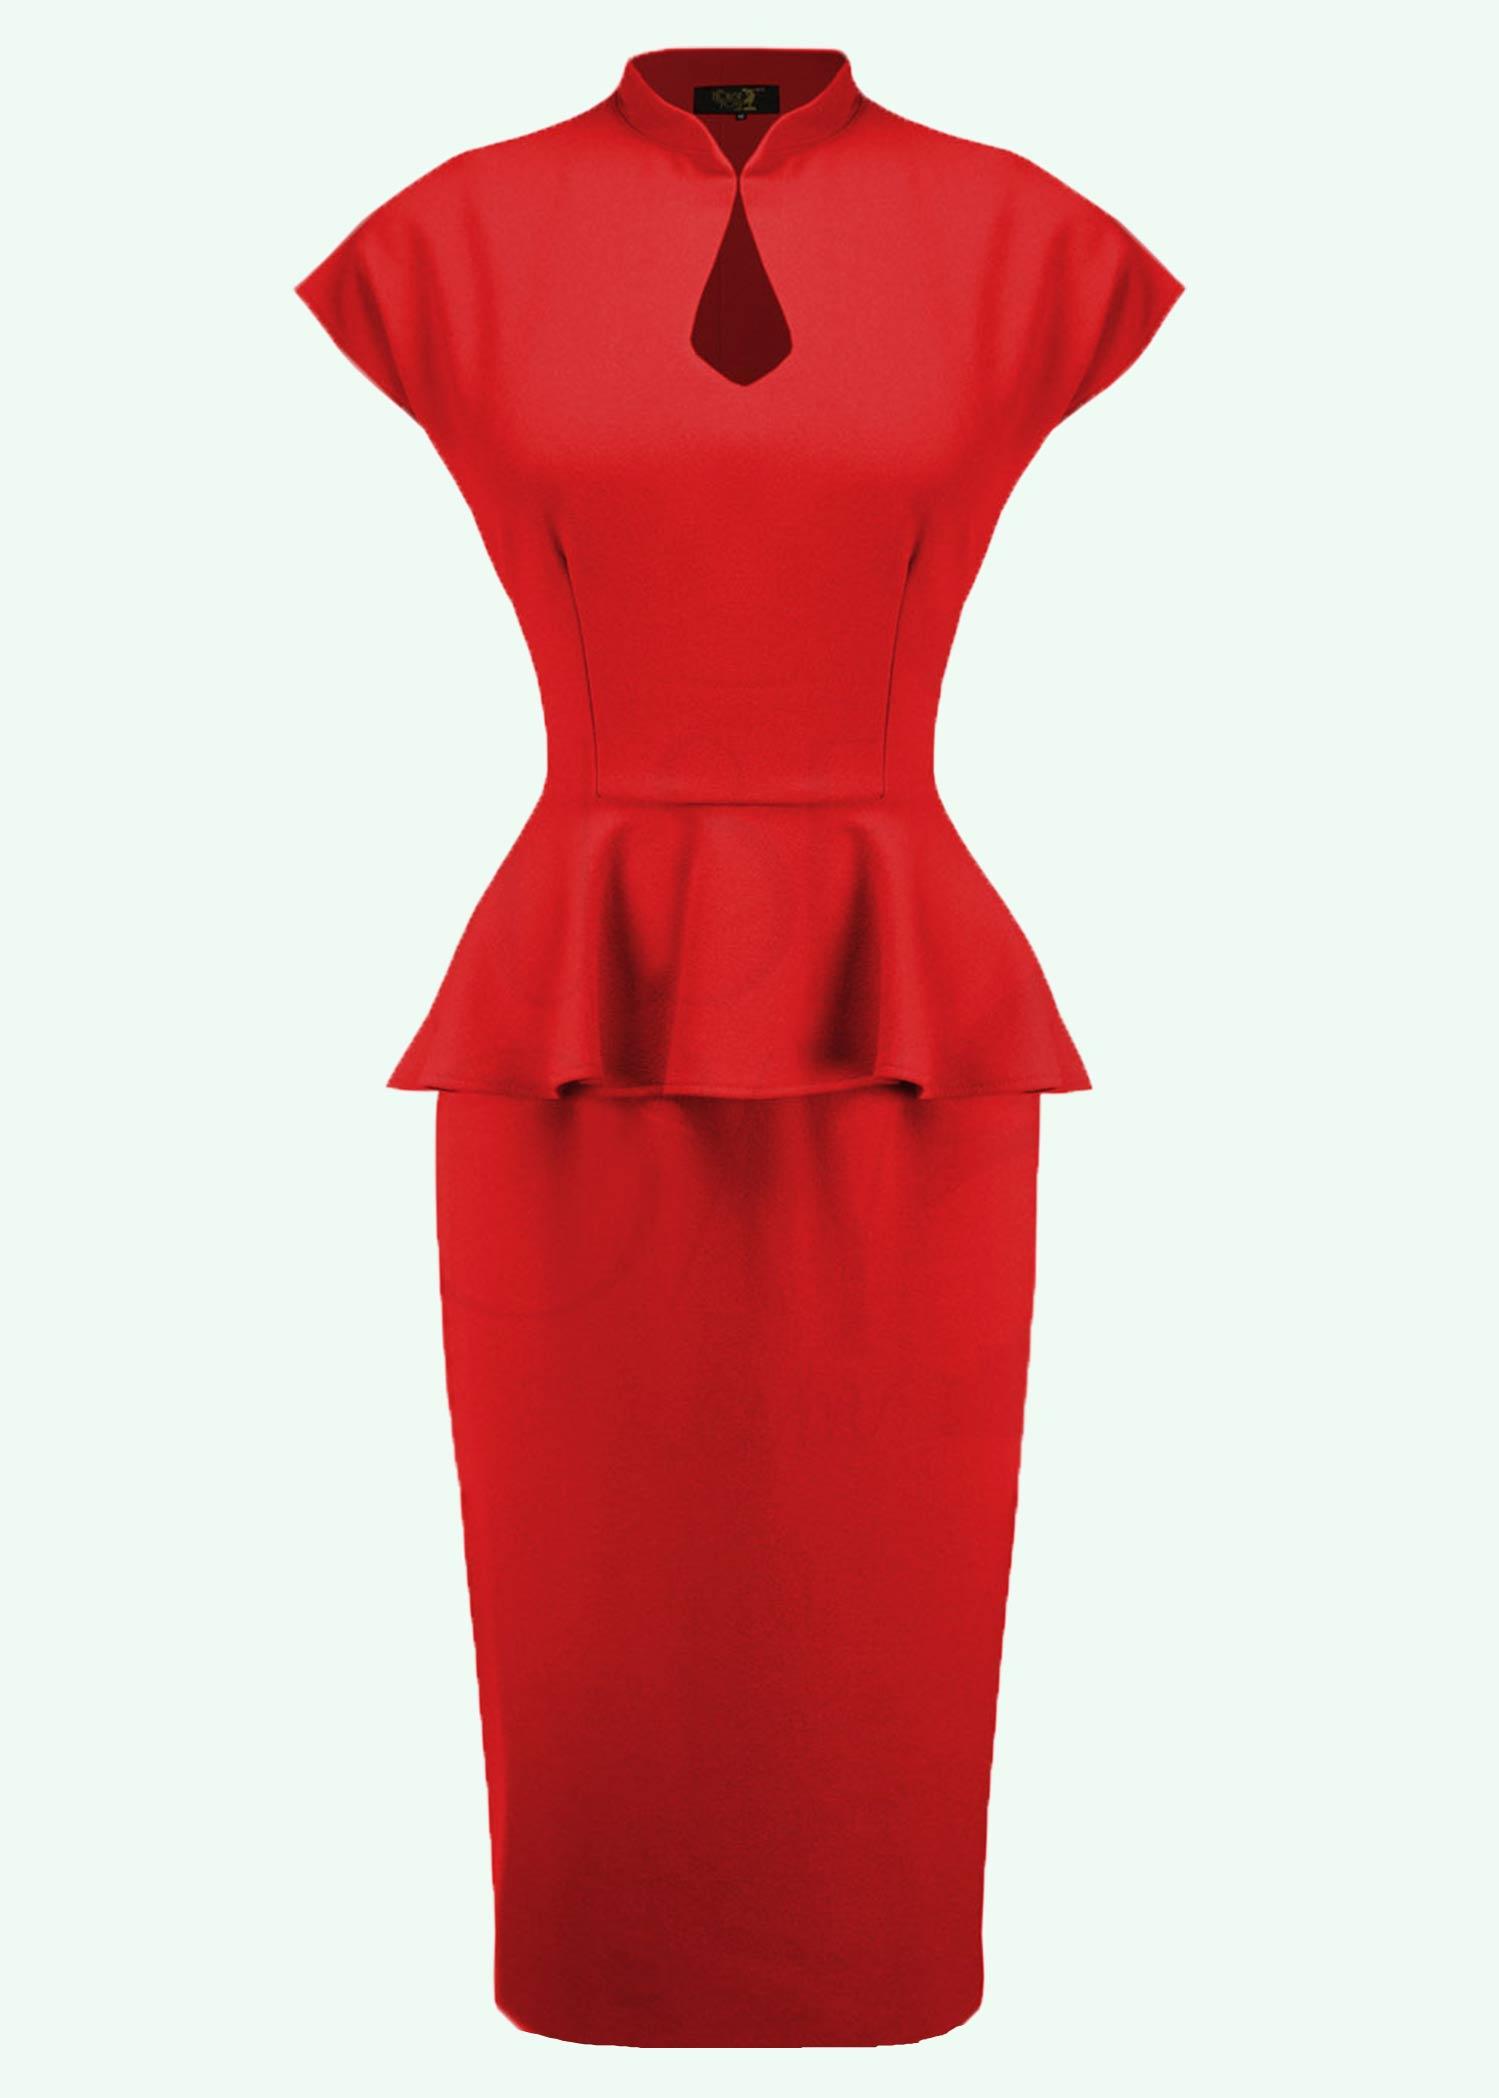 Lana pencil kjole i rød med peplum-skirt fra The House Of Foxy